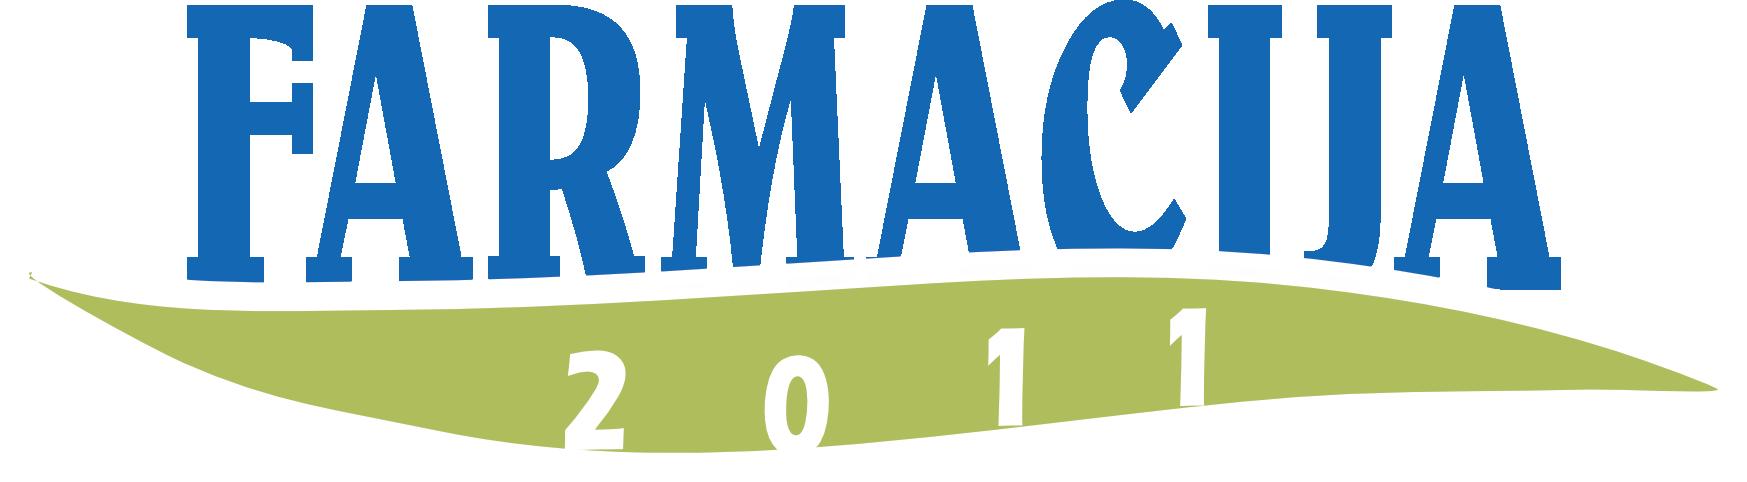 Farmacija 2011 d.o.o   Veleprodaja i distribucija lijekova.